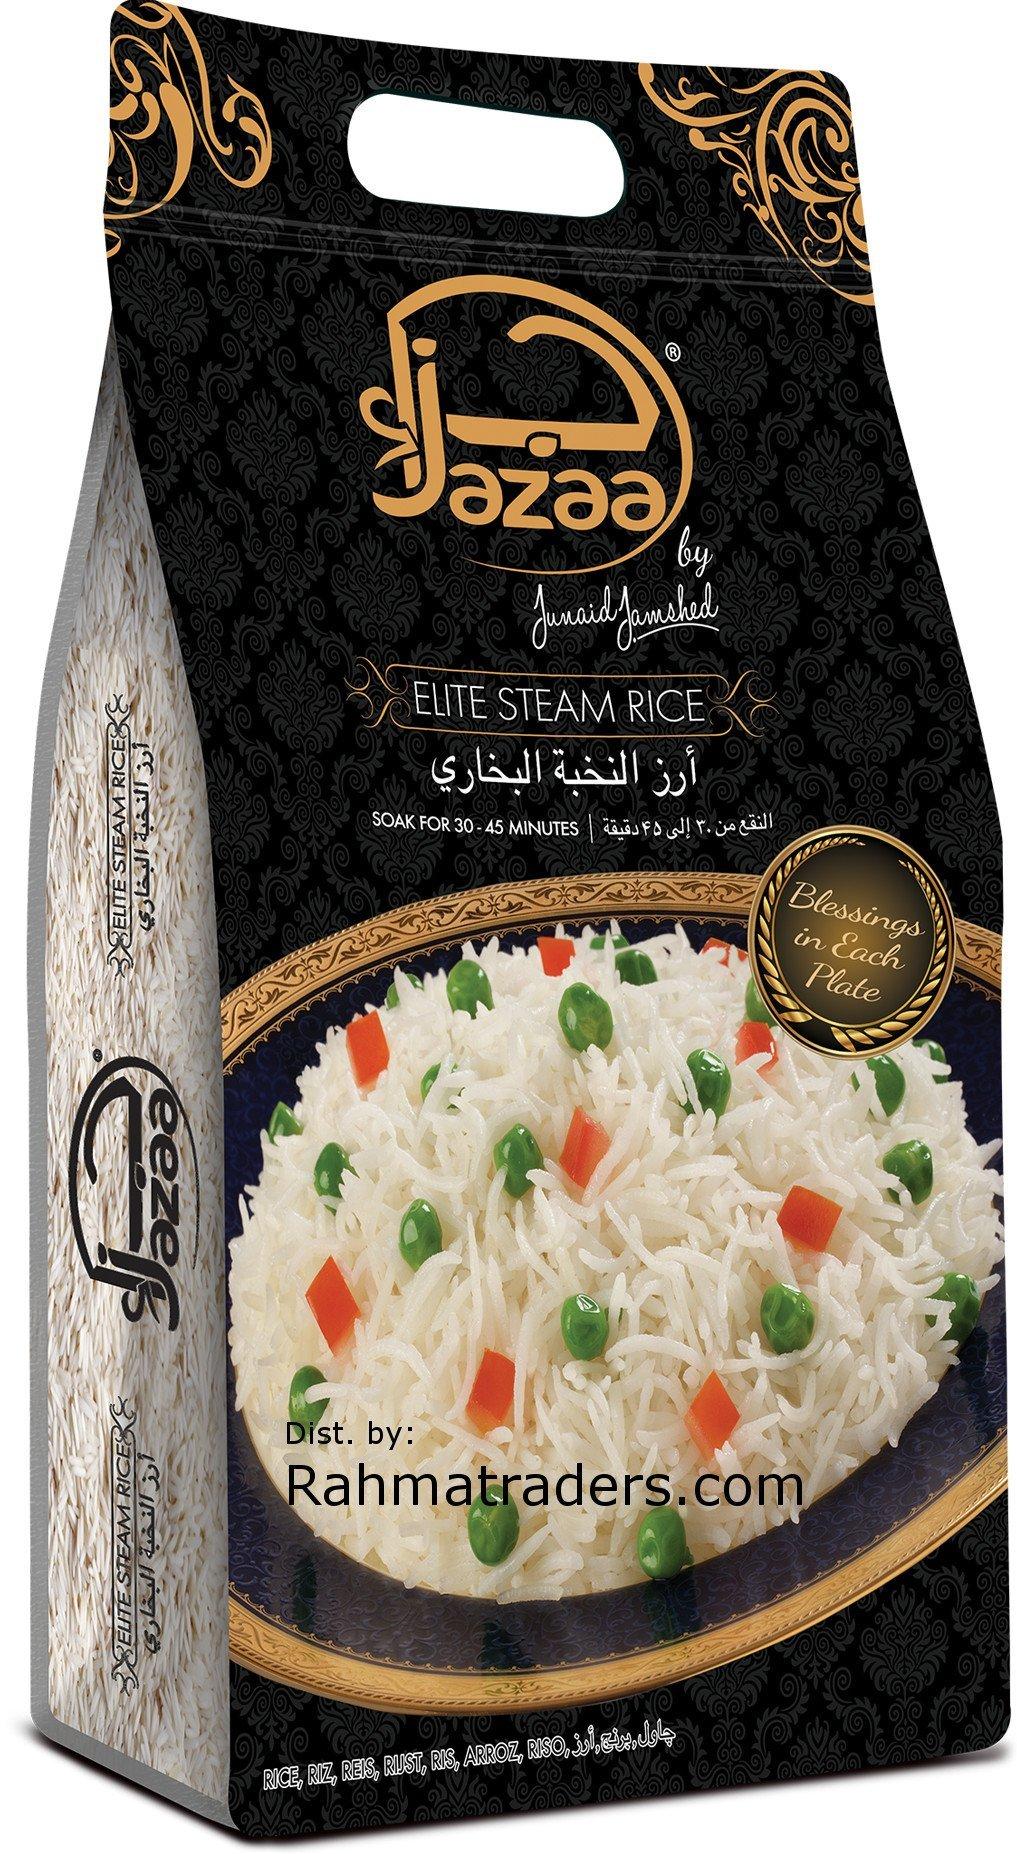 Jazaa Elite Steam Rice